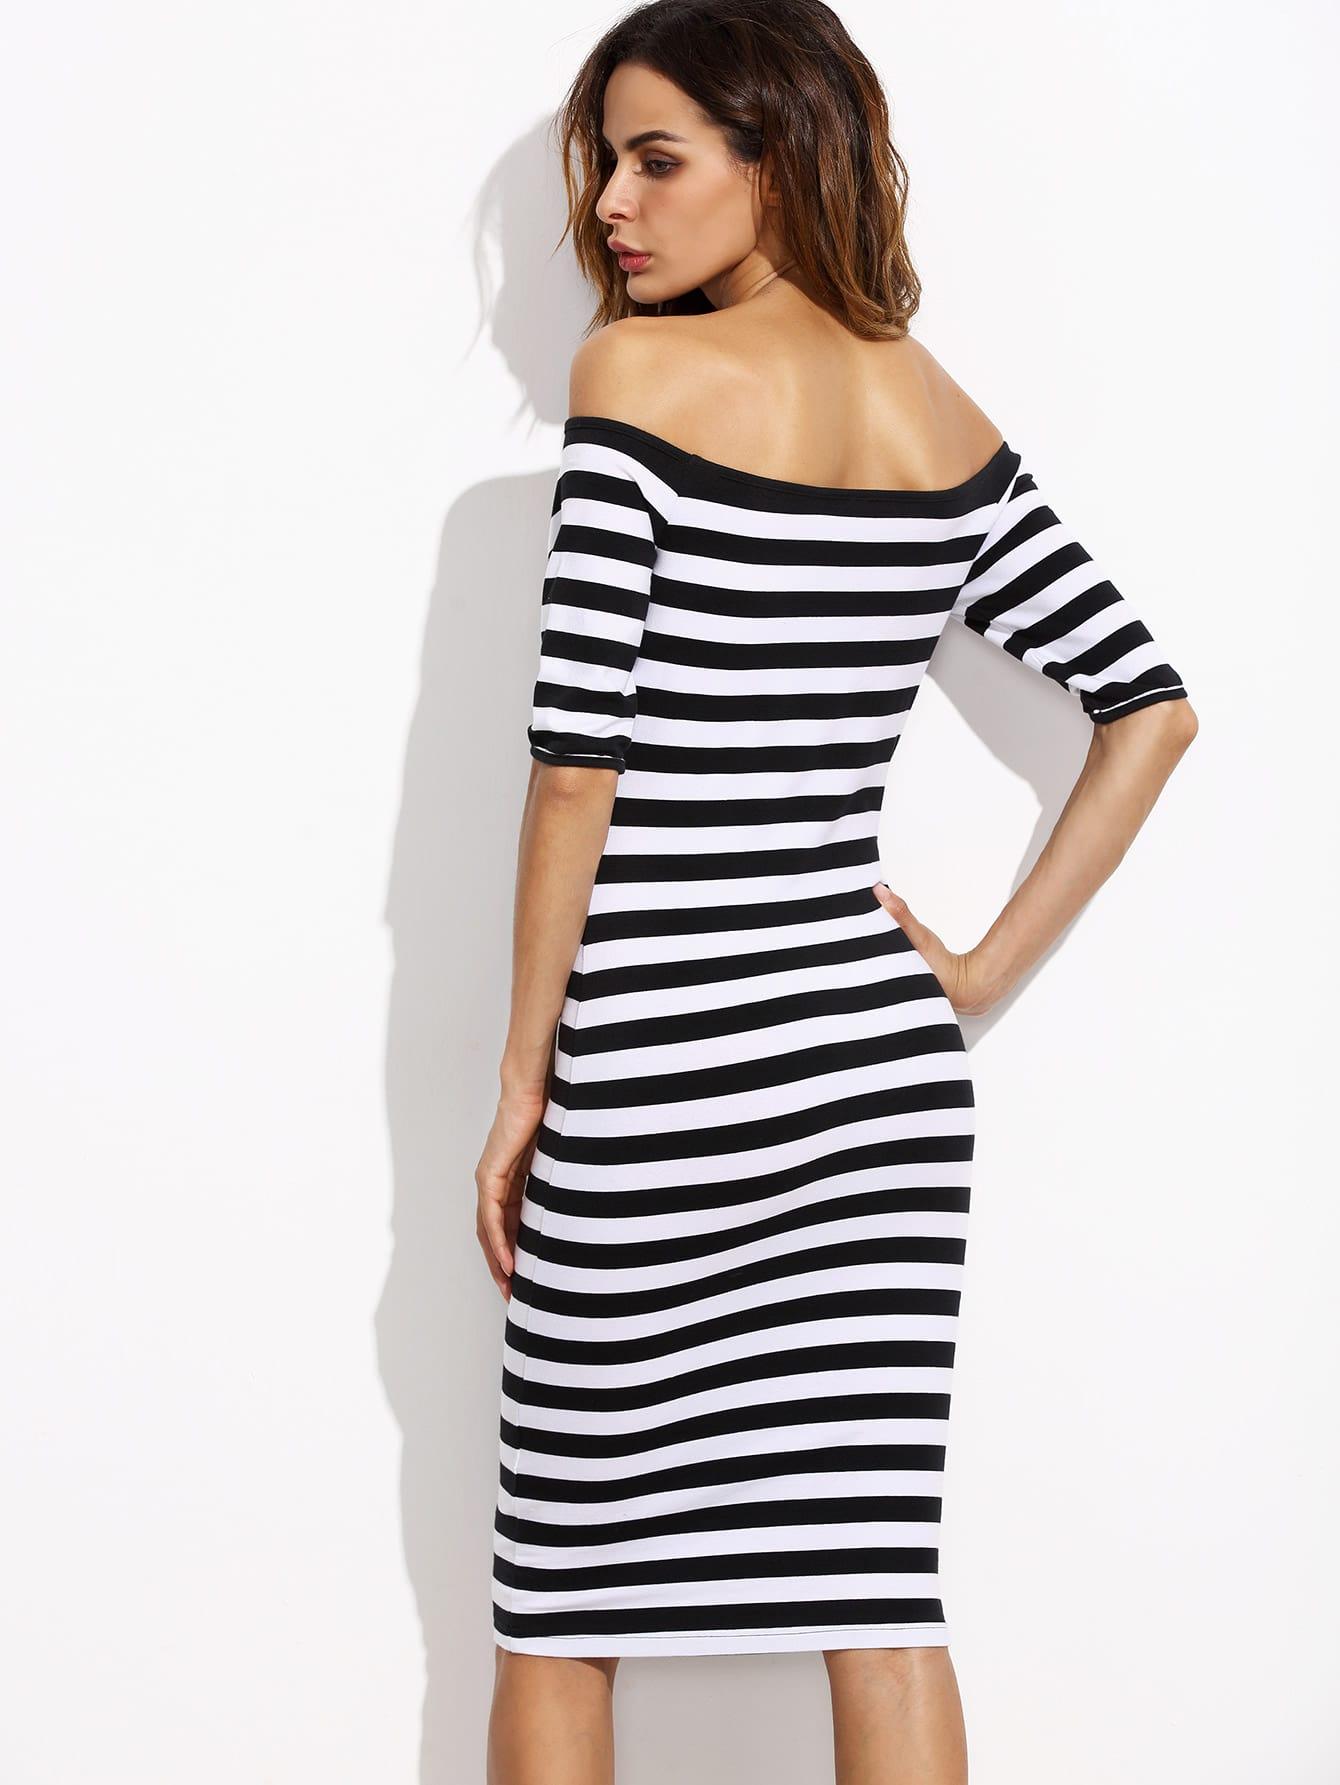 dress160830704_2